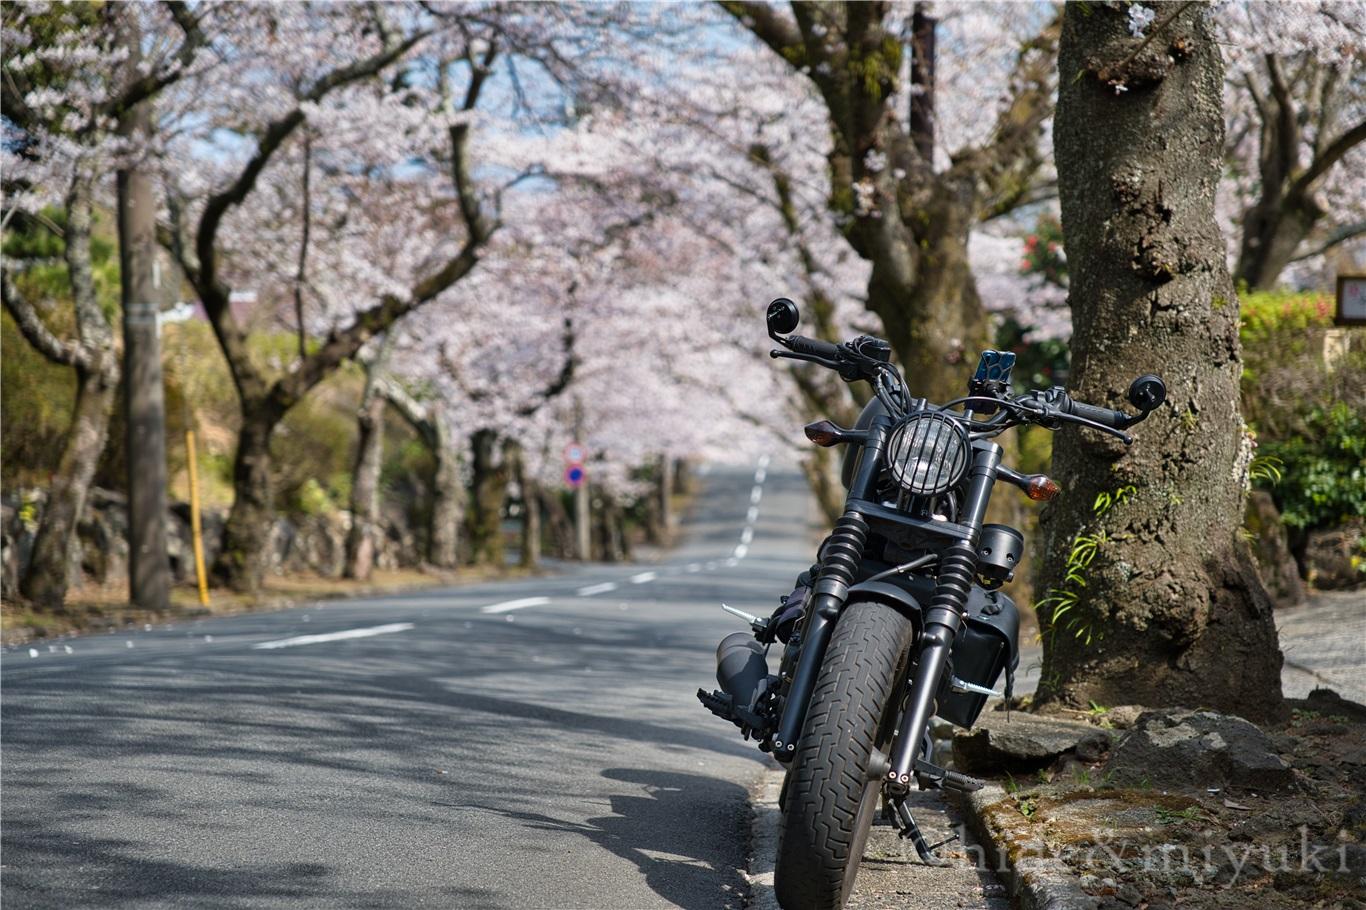 【静岡の桜スポット】『数キロに亘る絶景桜トンネル』伊豆高原桜並木が素晴らし過ぎた…